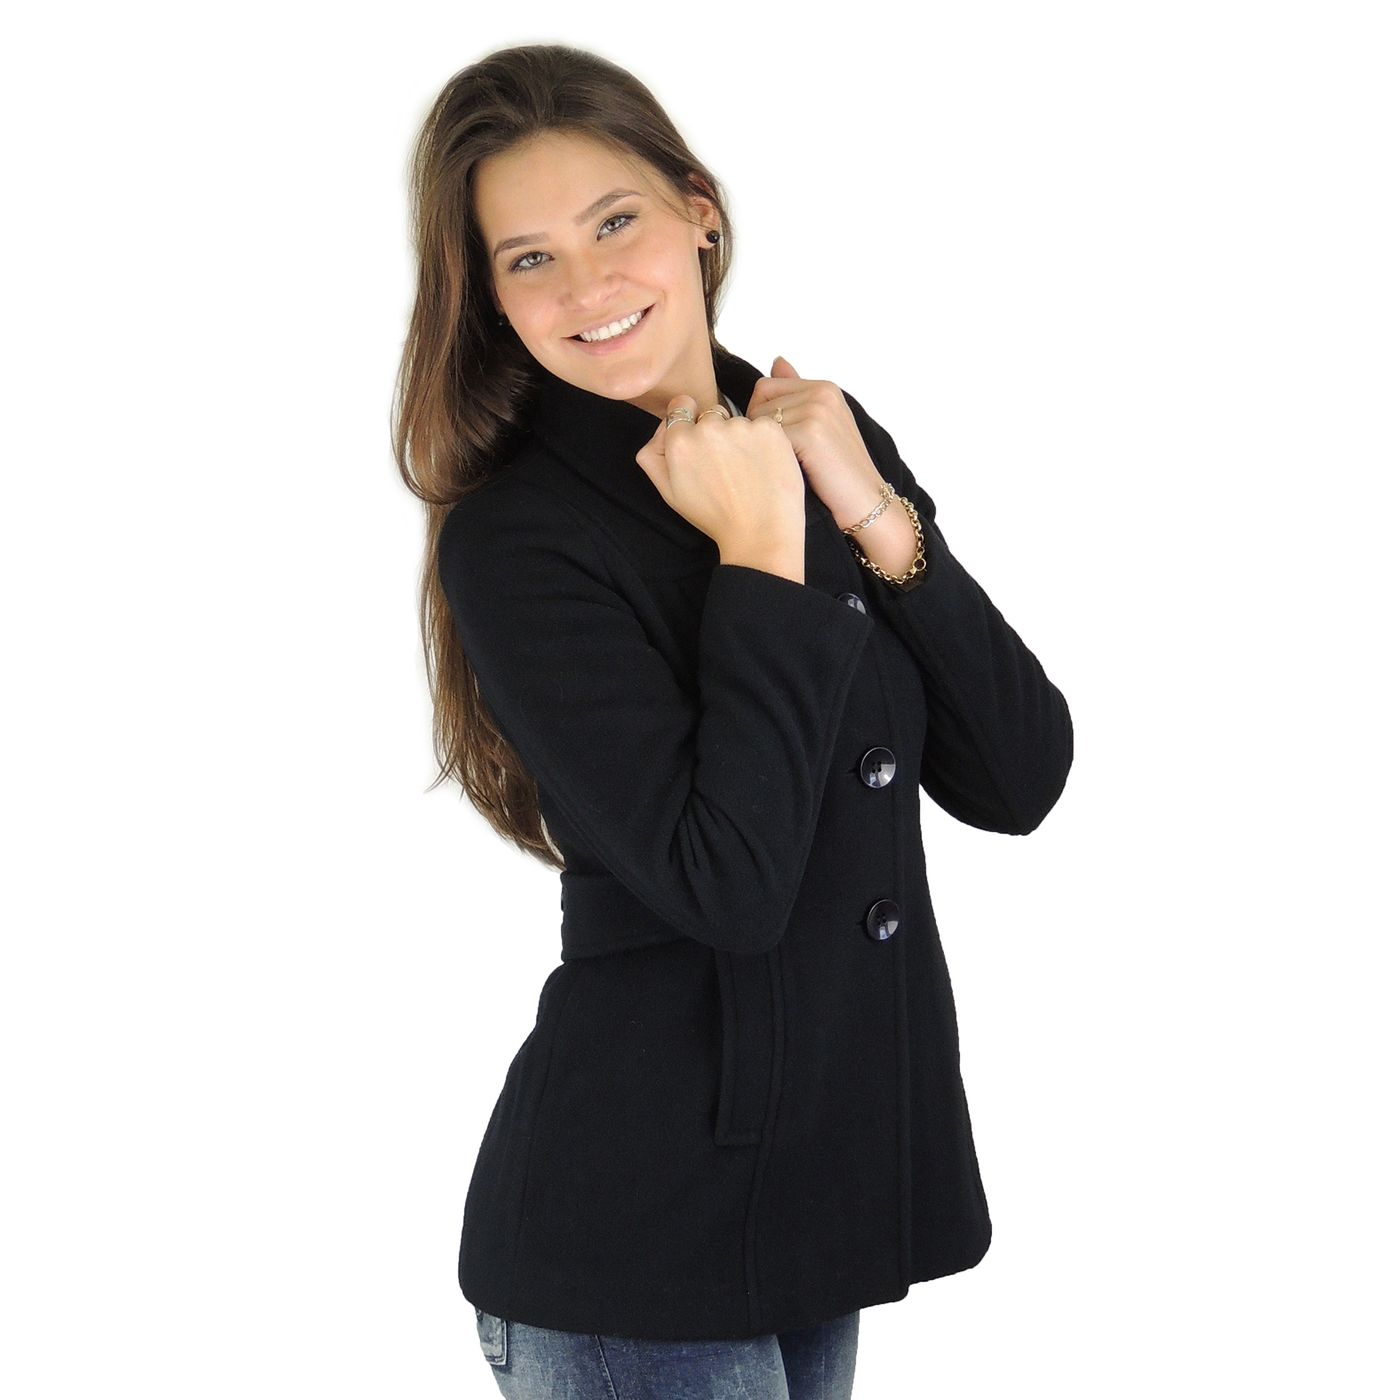 Casaco Feminino lã batida com cinto New York FIERO Black - fieroshop 79dc616b25a37